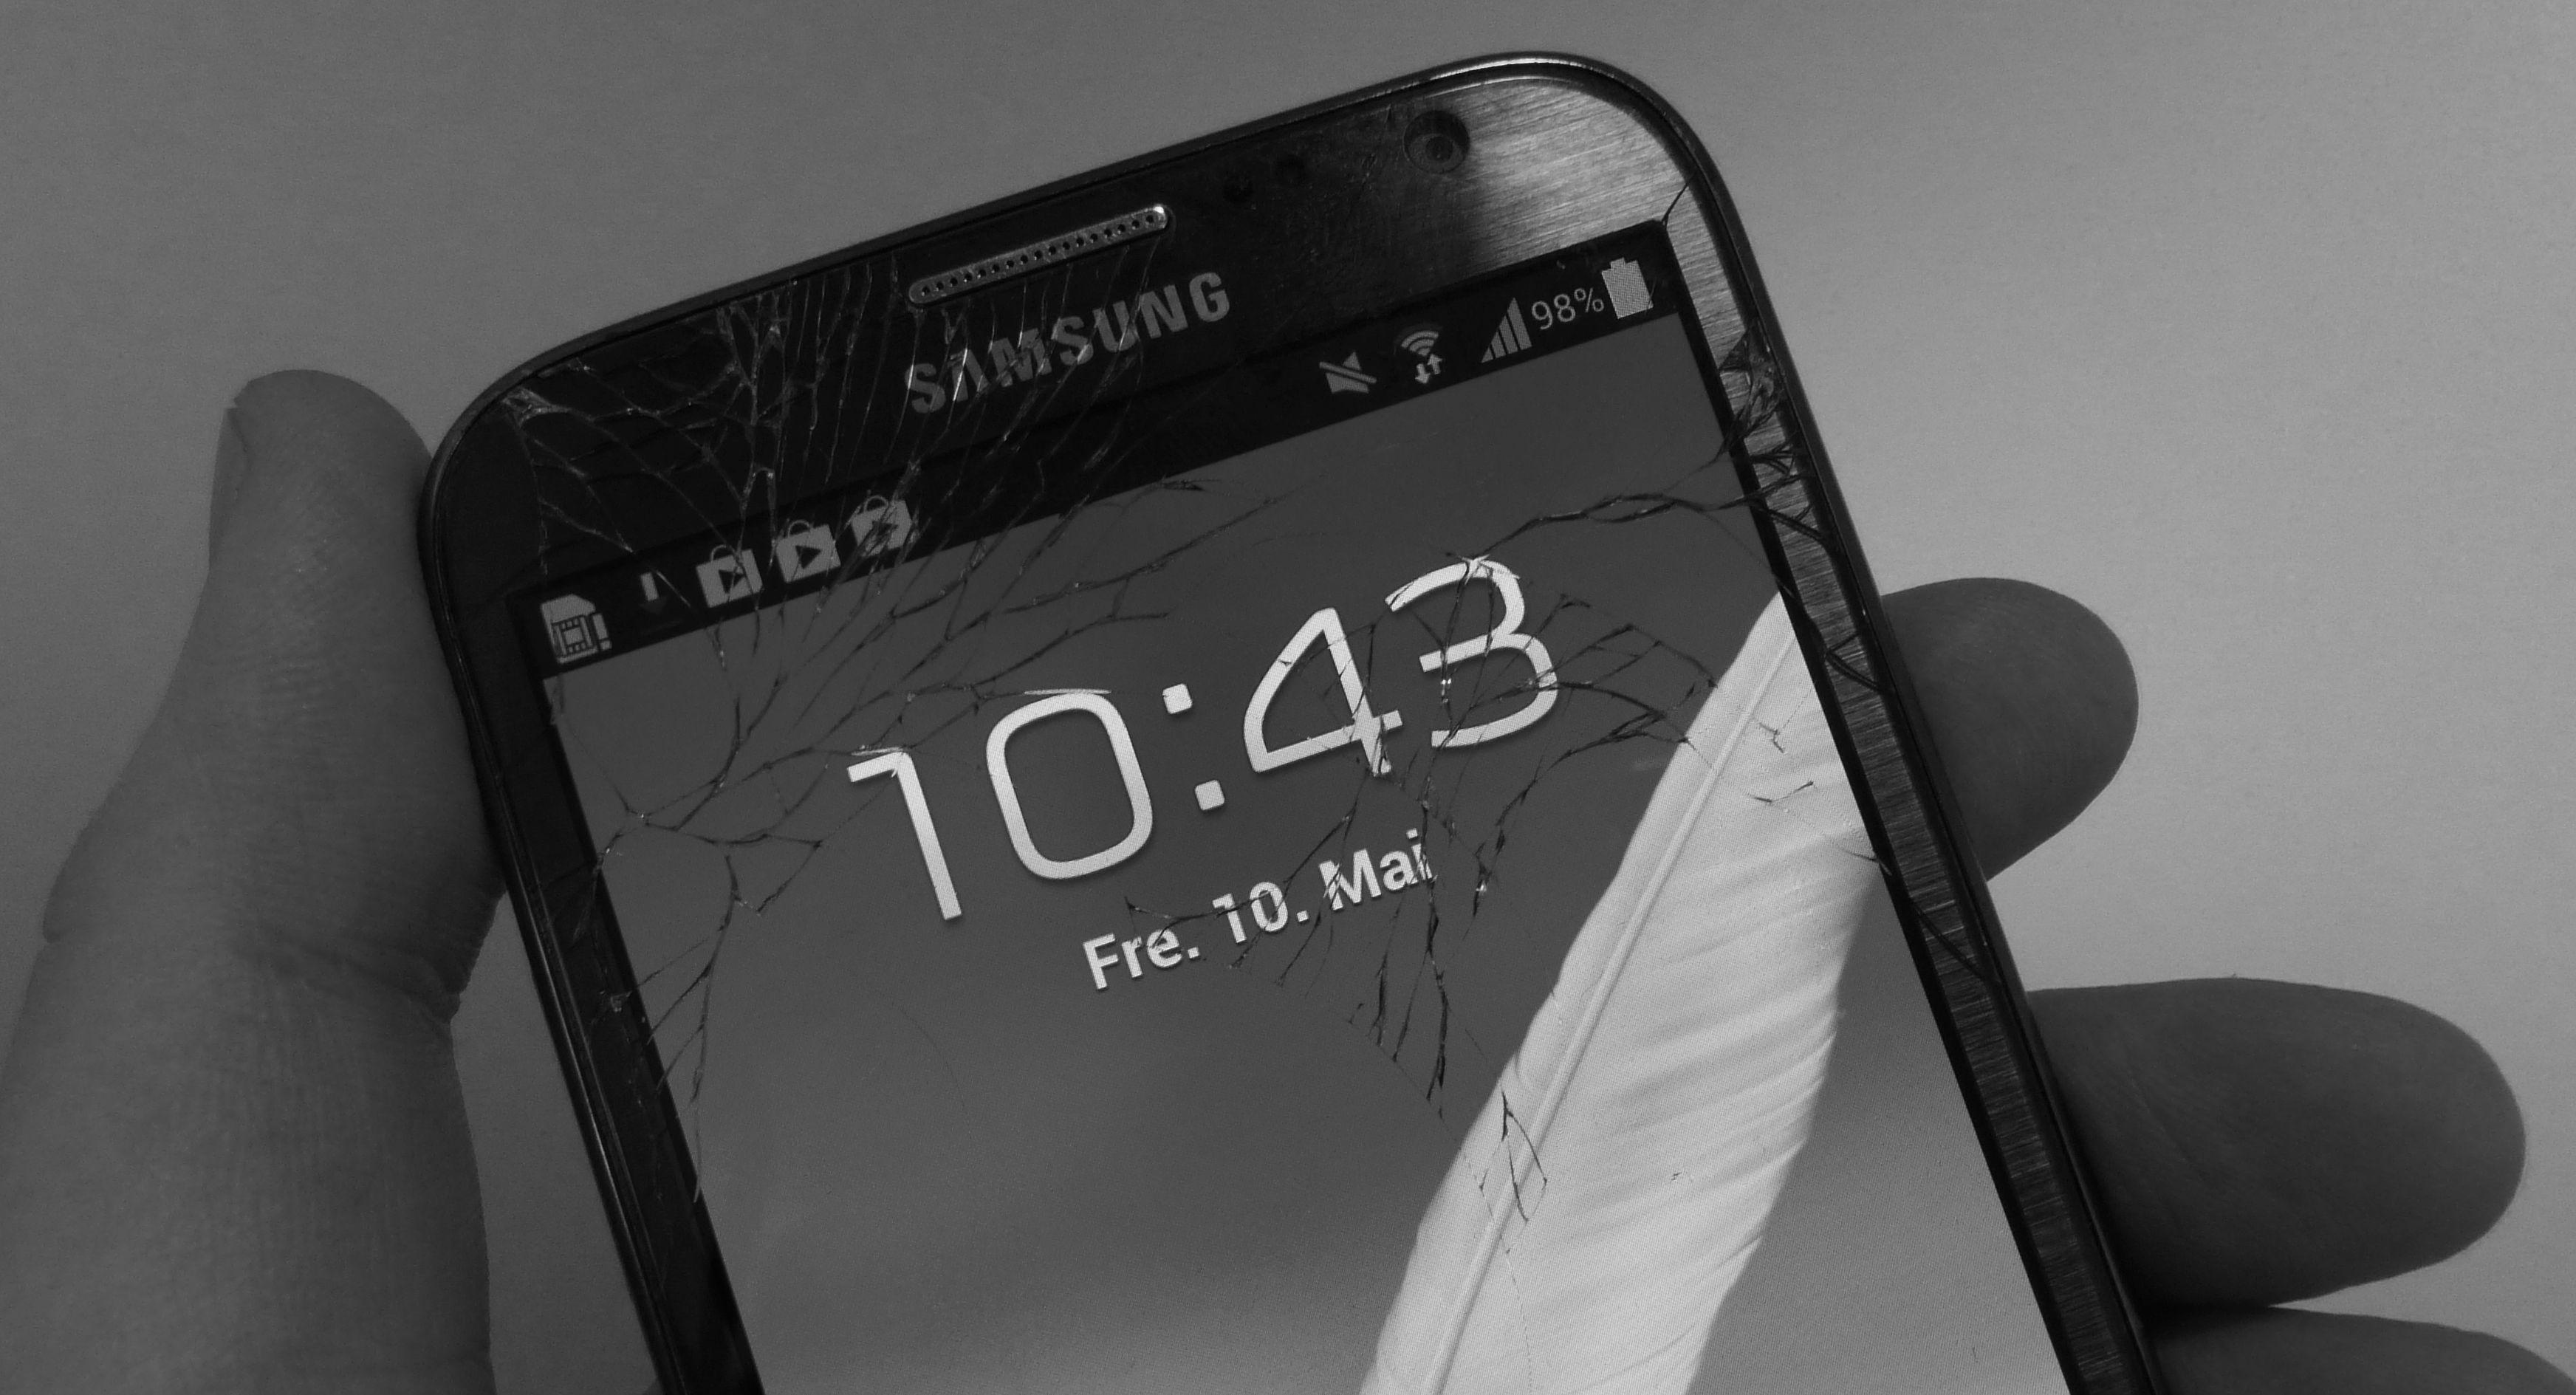 Hva gjør du når mobilskjermen har knust?